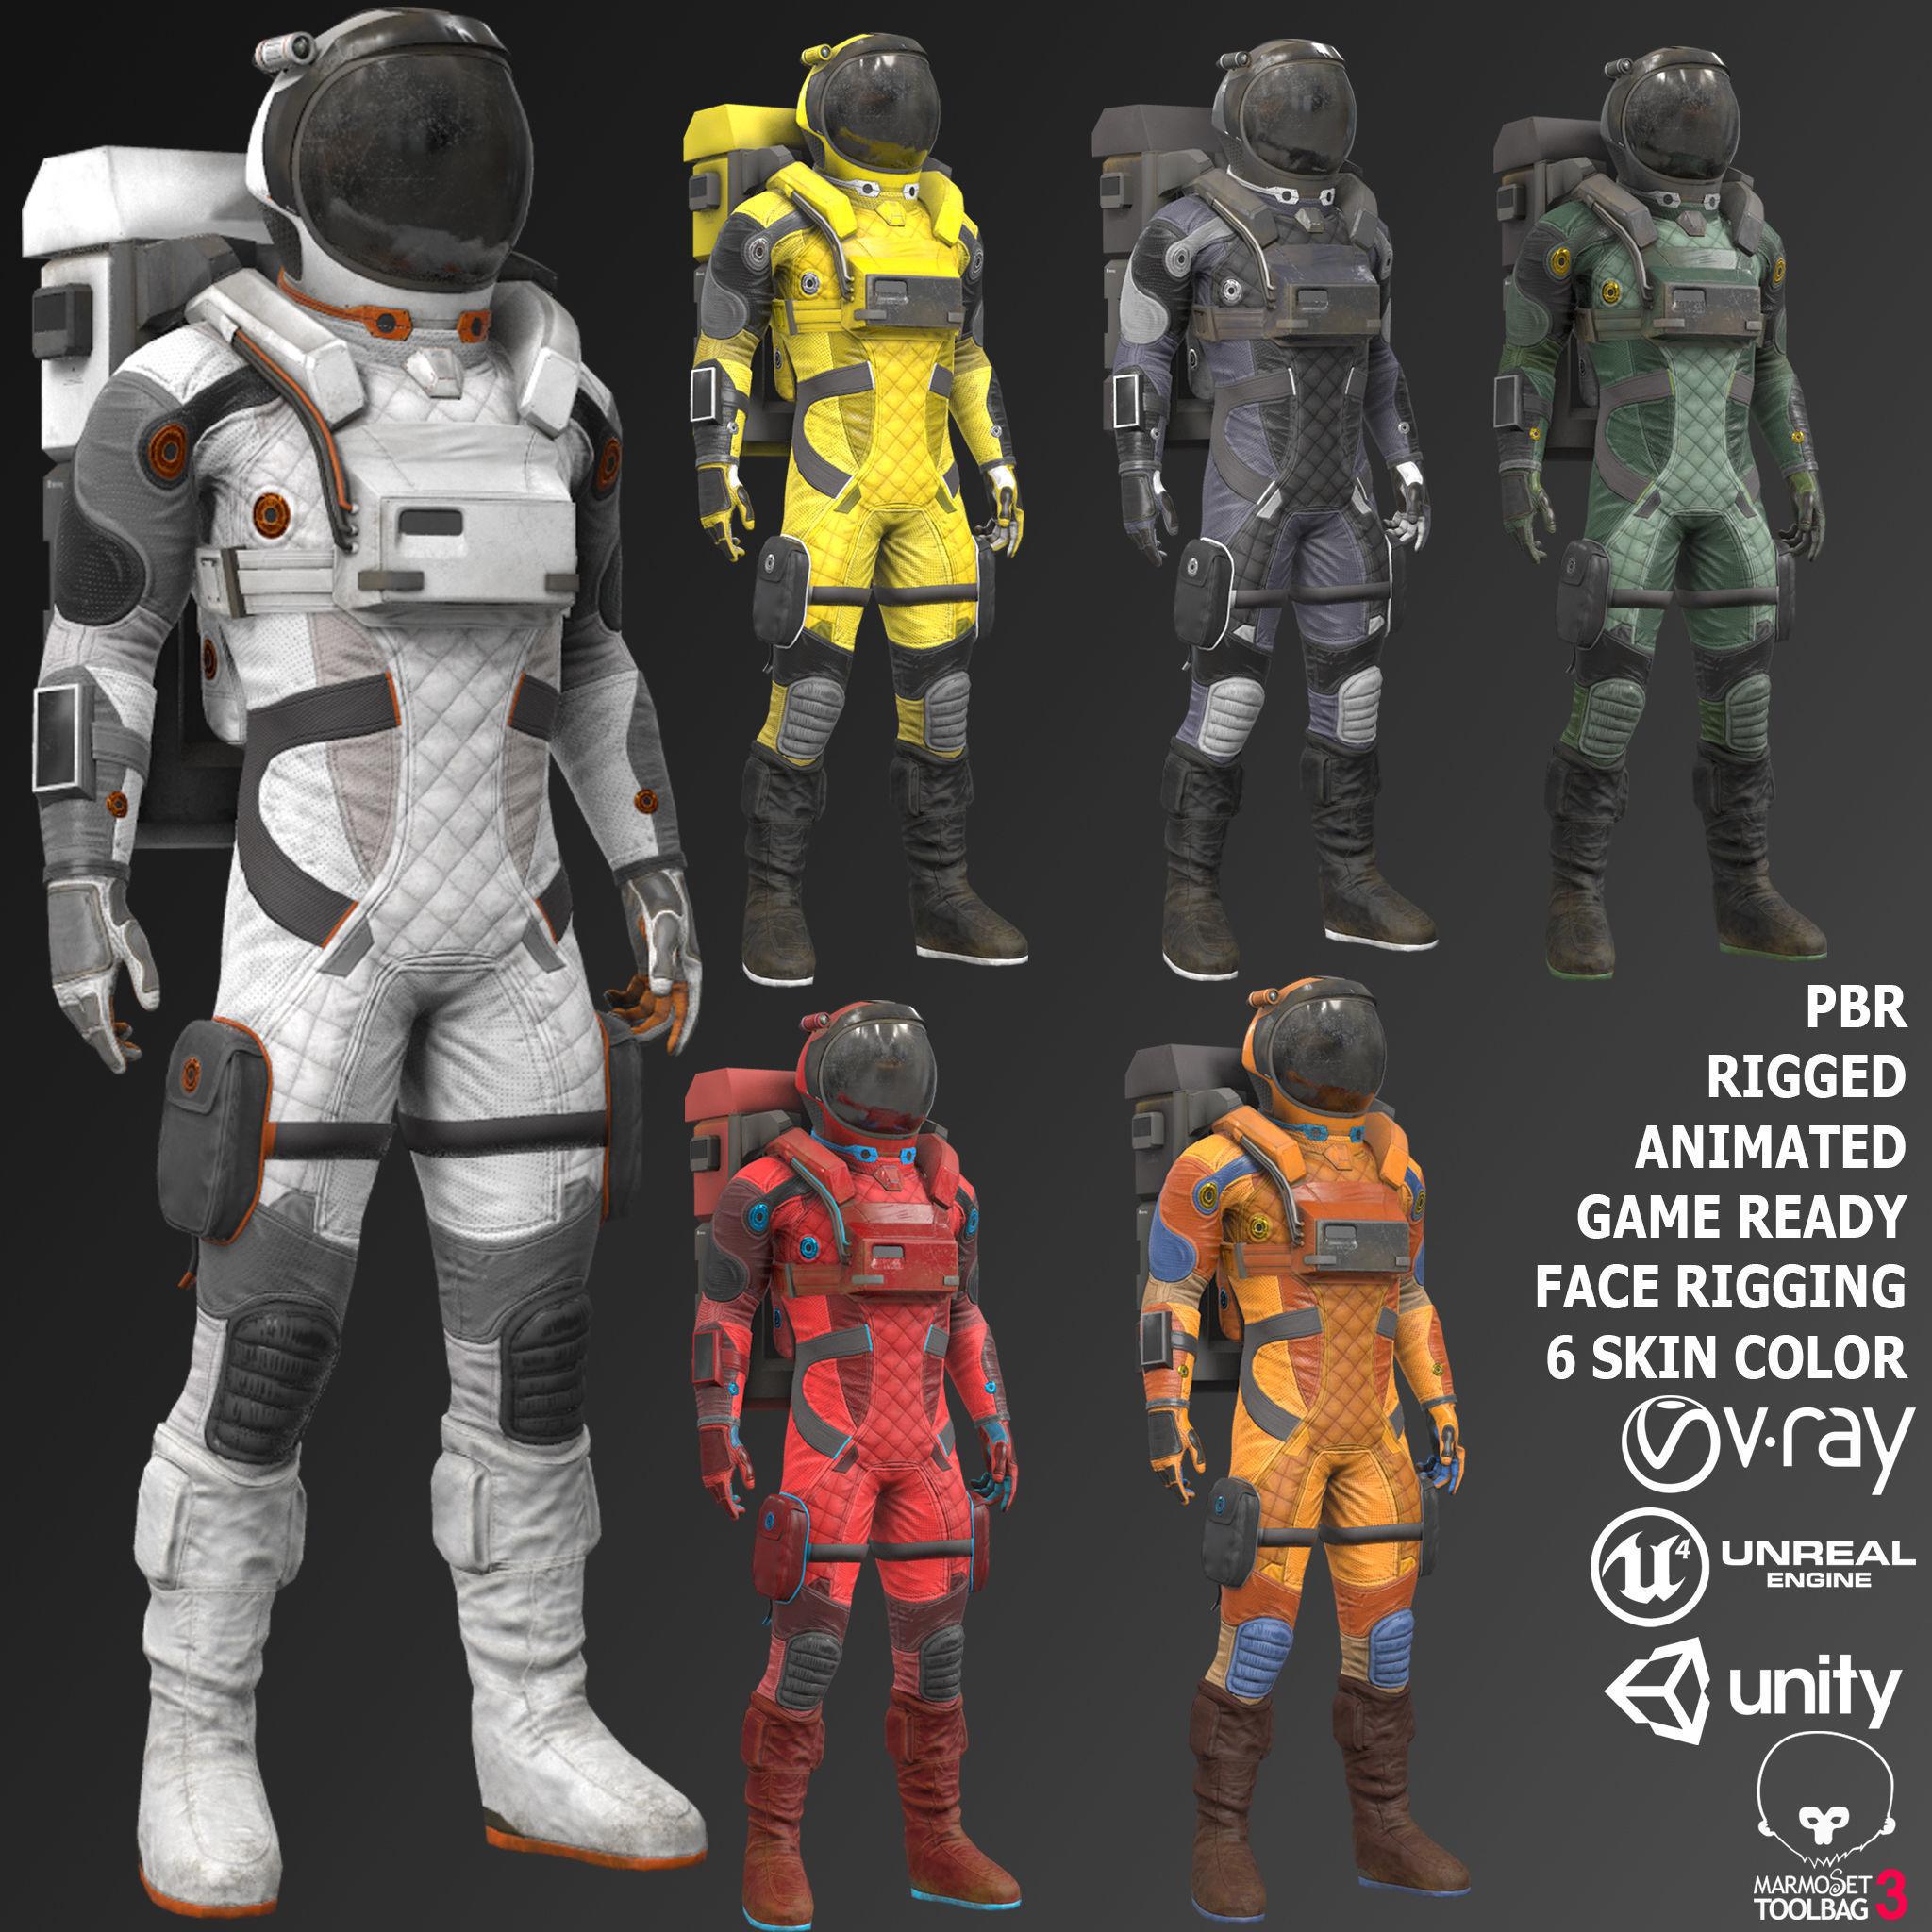 MX02 Male Space Suit